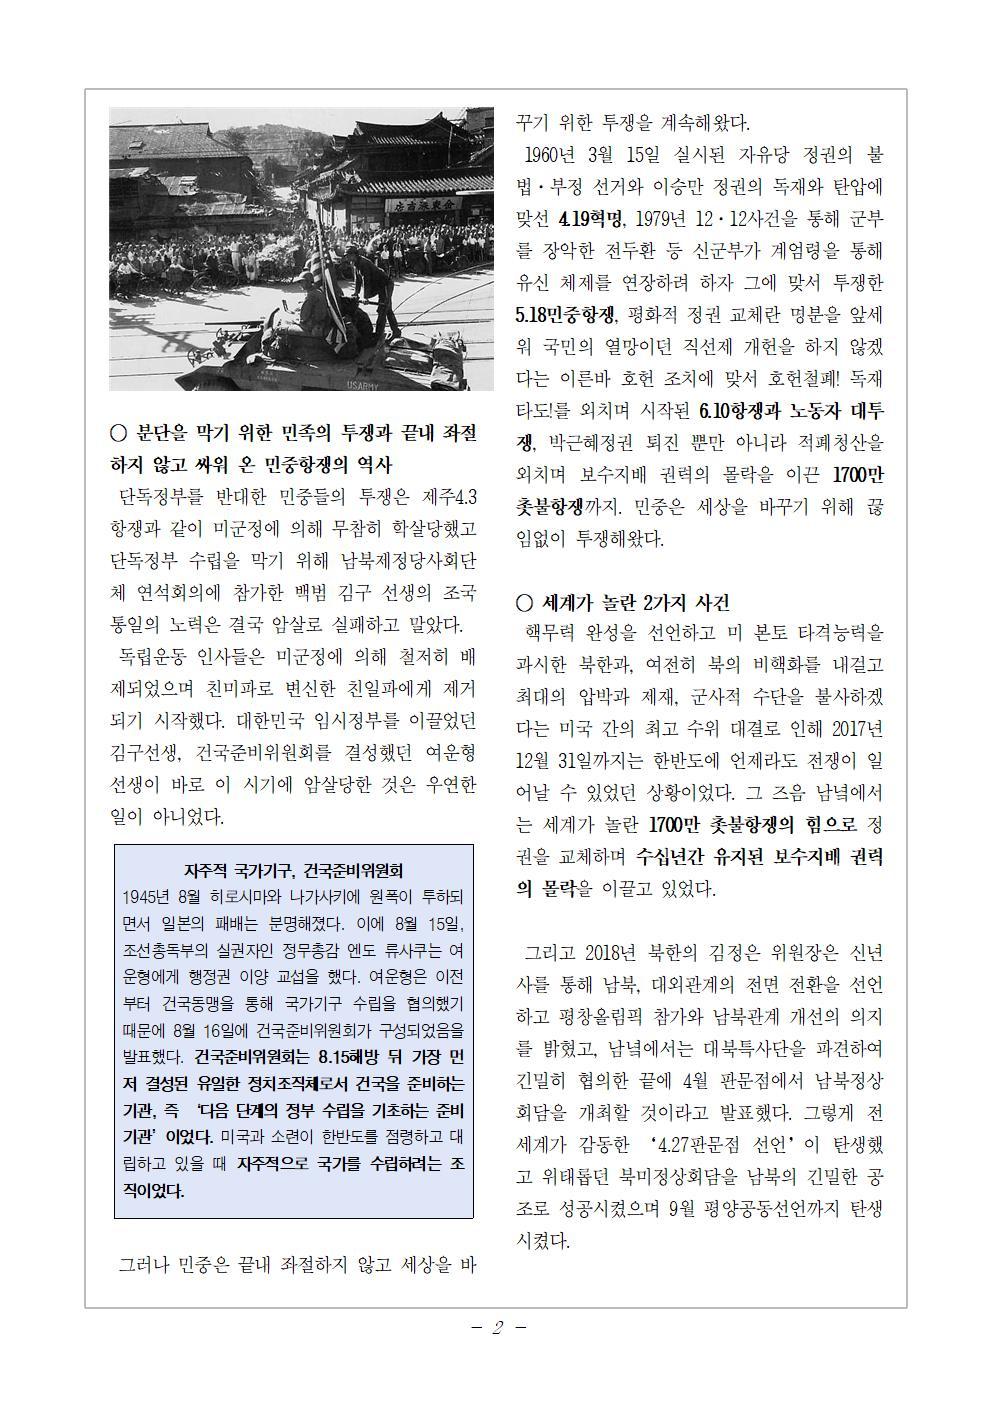 2019_815_남북공동선언(최종)002.jpg